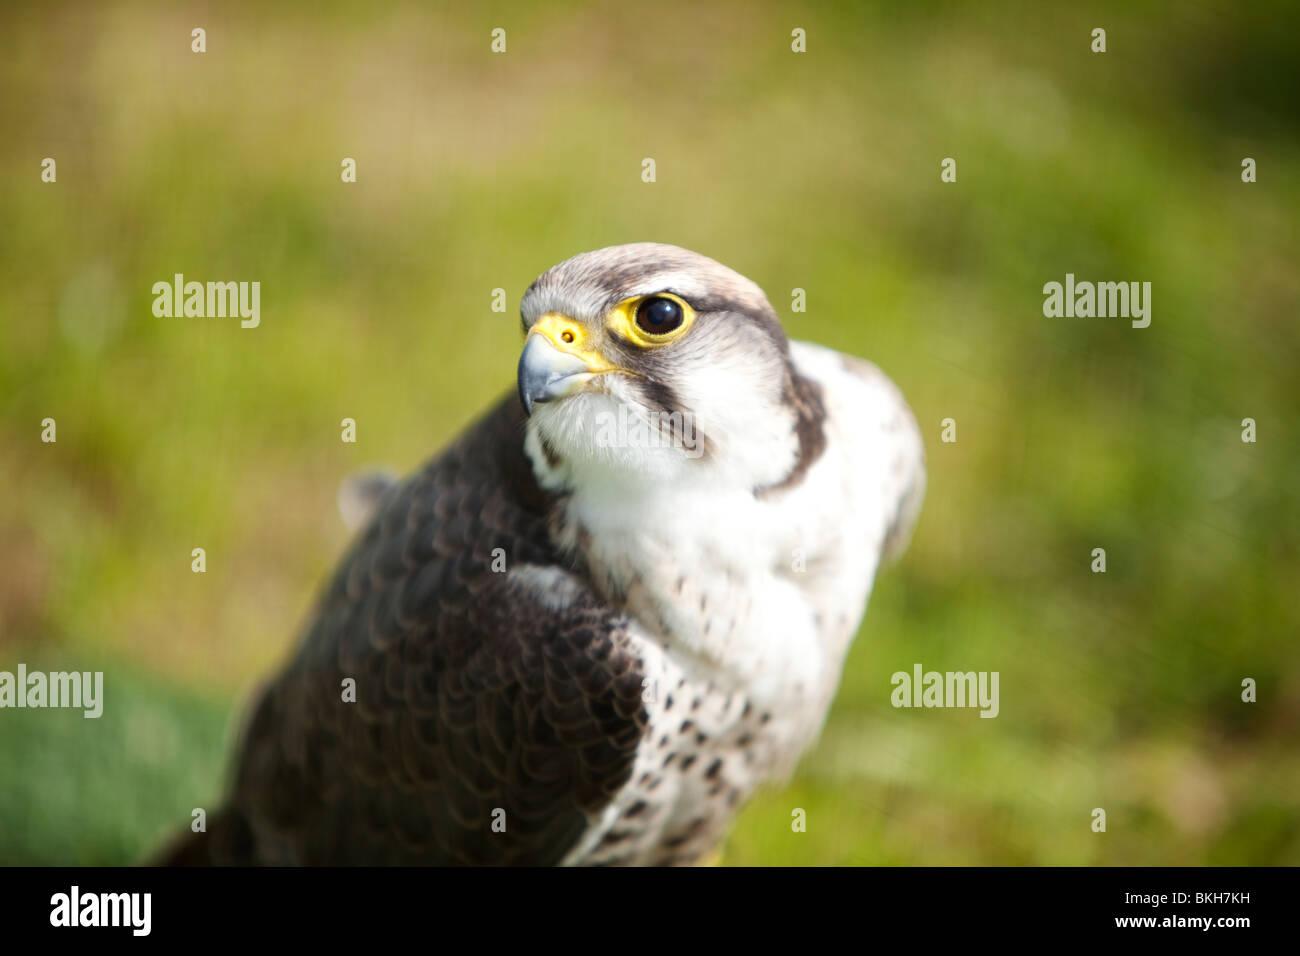 falcon - Stock Image